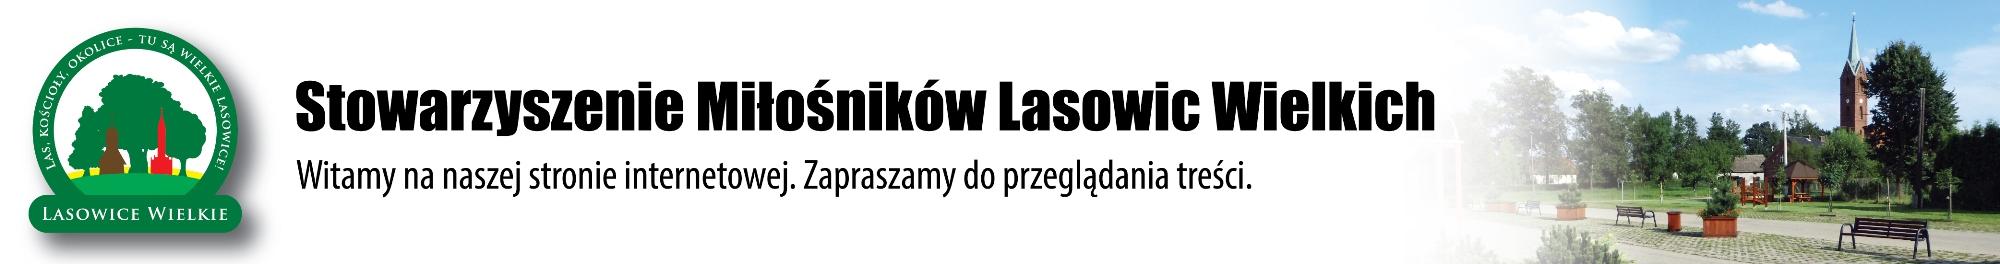 Stowarzyszenie Miłośników Lasowic Wielkich